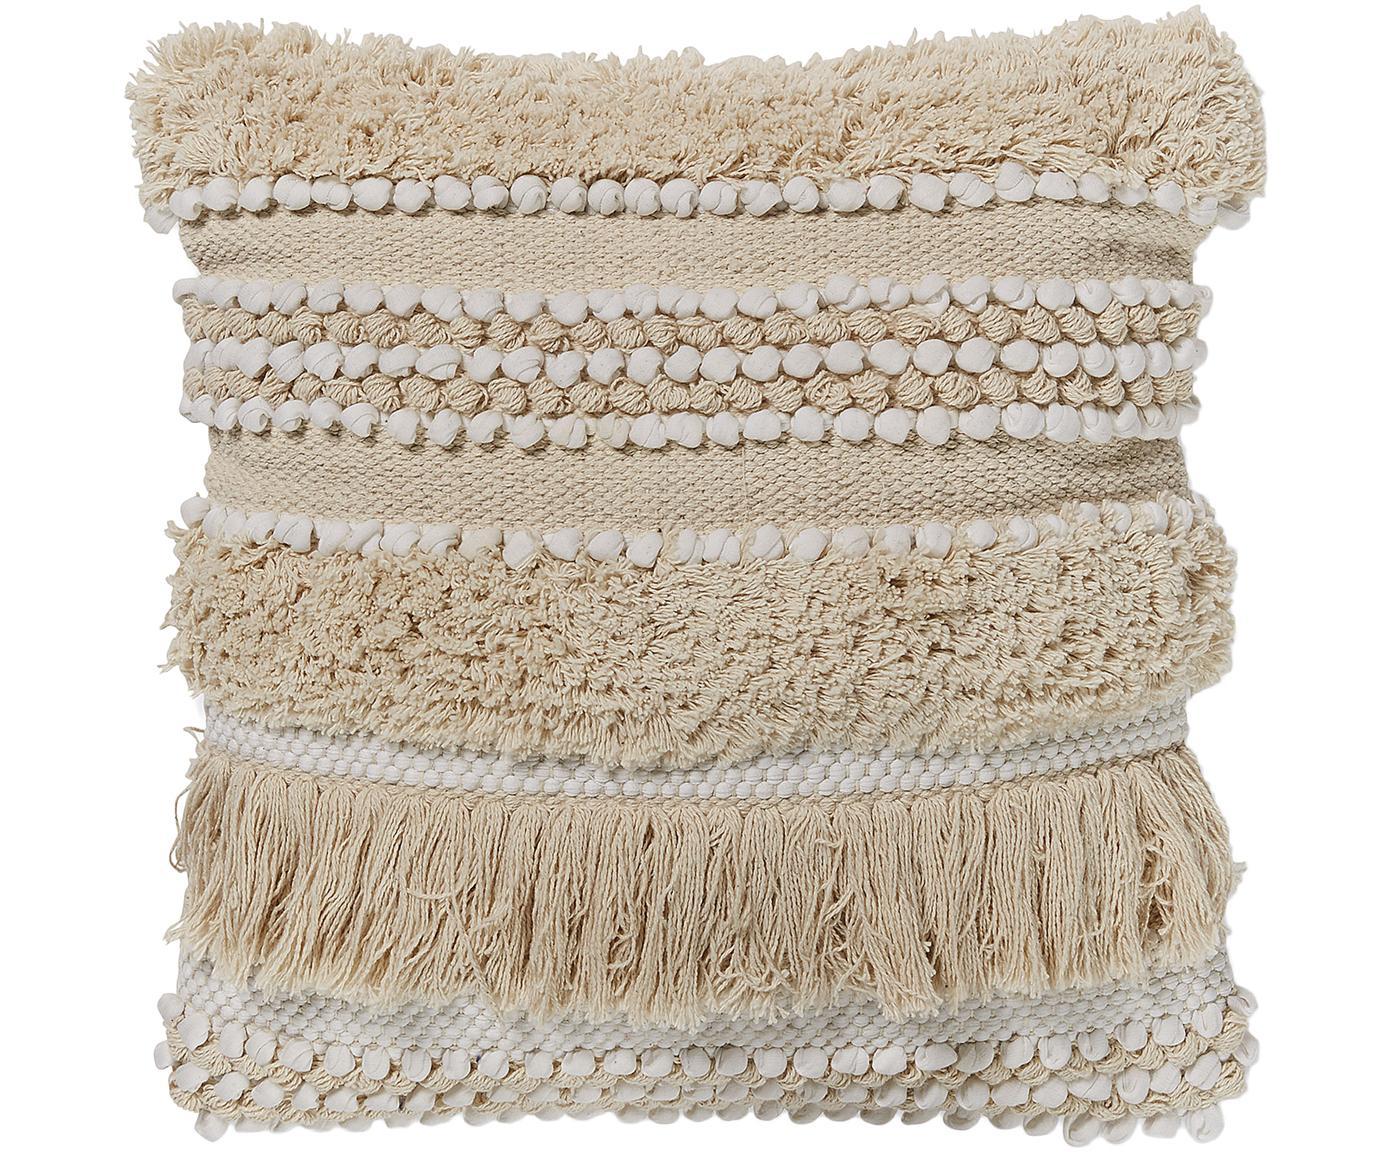 Boho Kissenhülle Frinny mit Fransen und Verzierungen, 100% Baumwolle, Weiß, Ecru, 45 x 45 cm